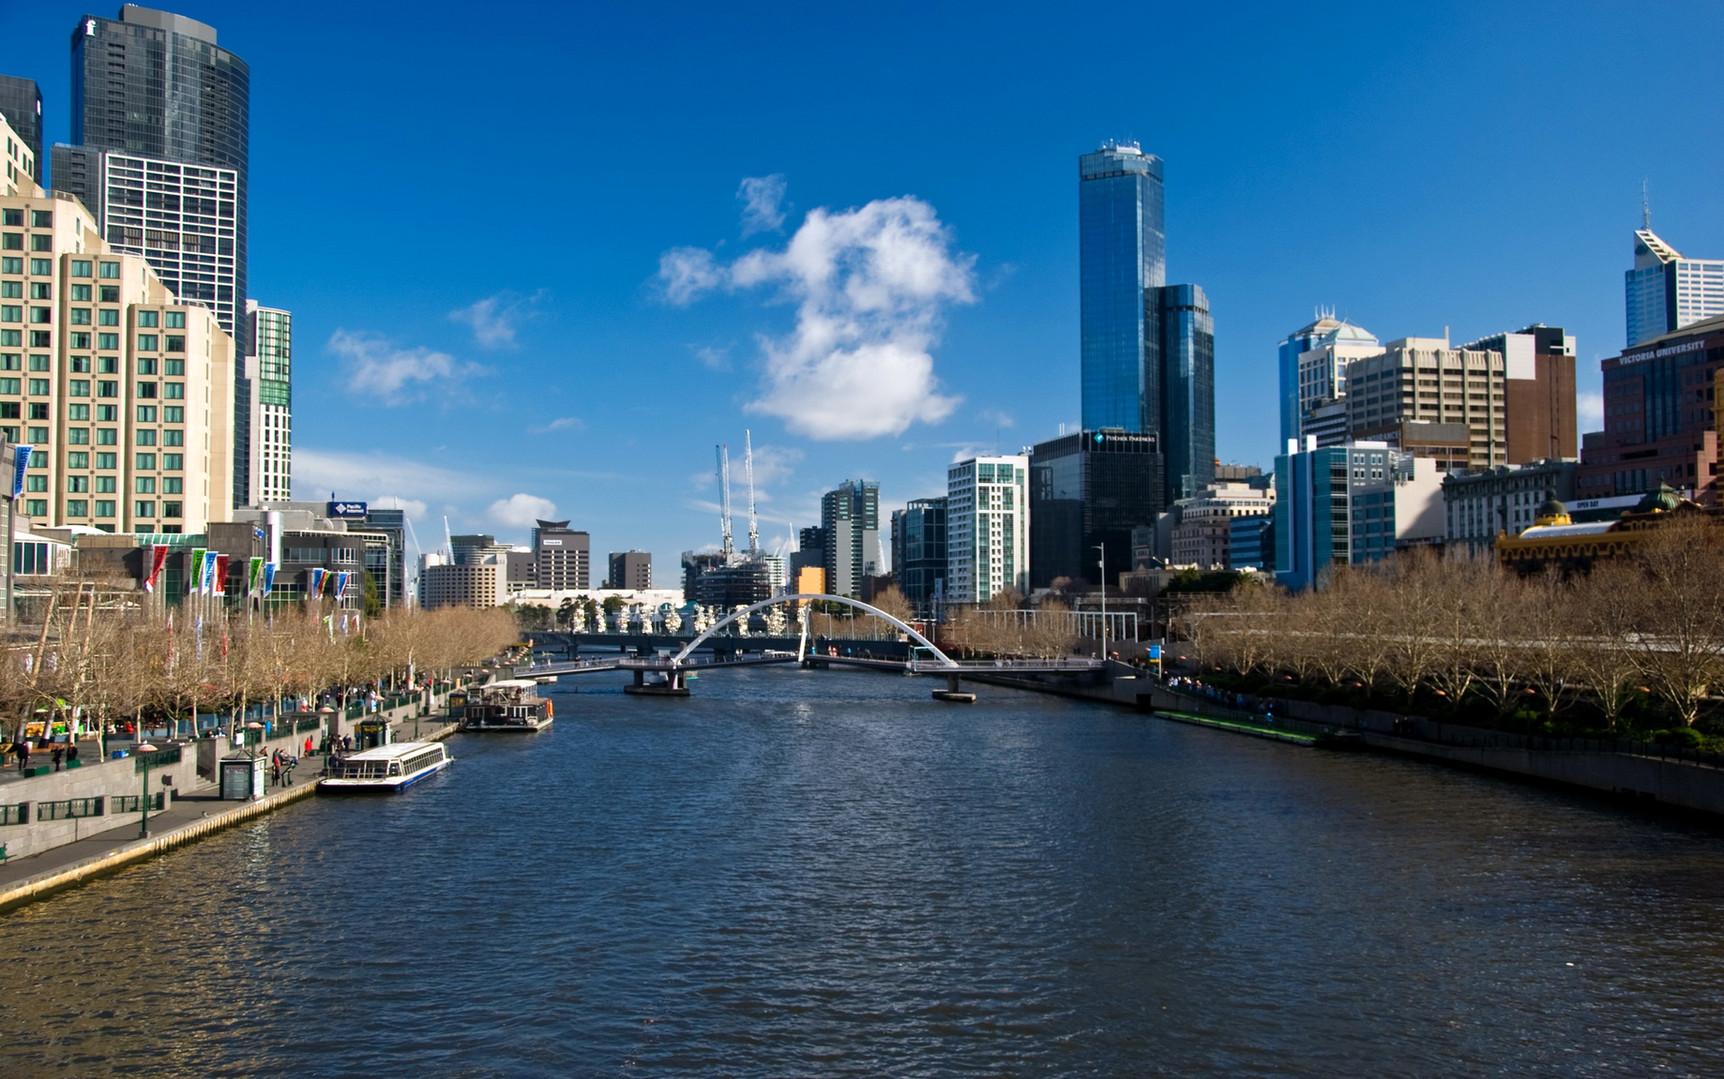 Melbourne-for-desktop.jpg